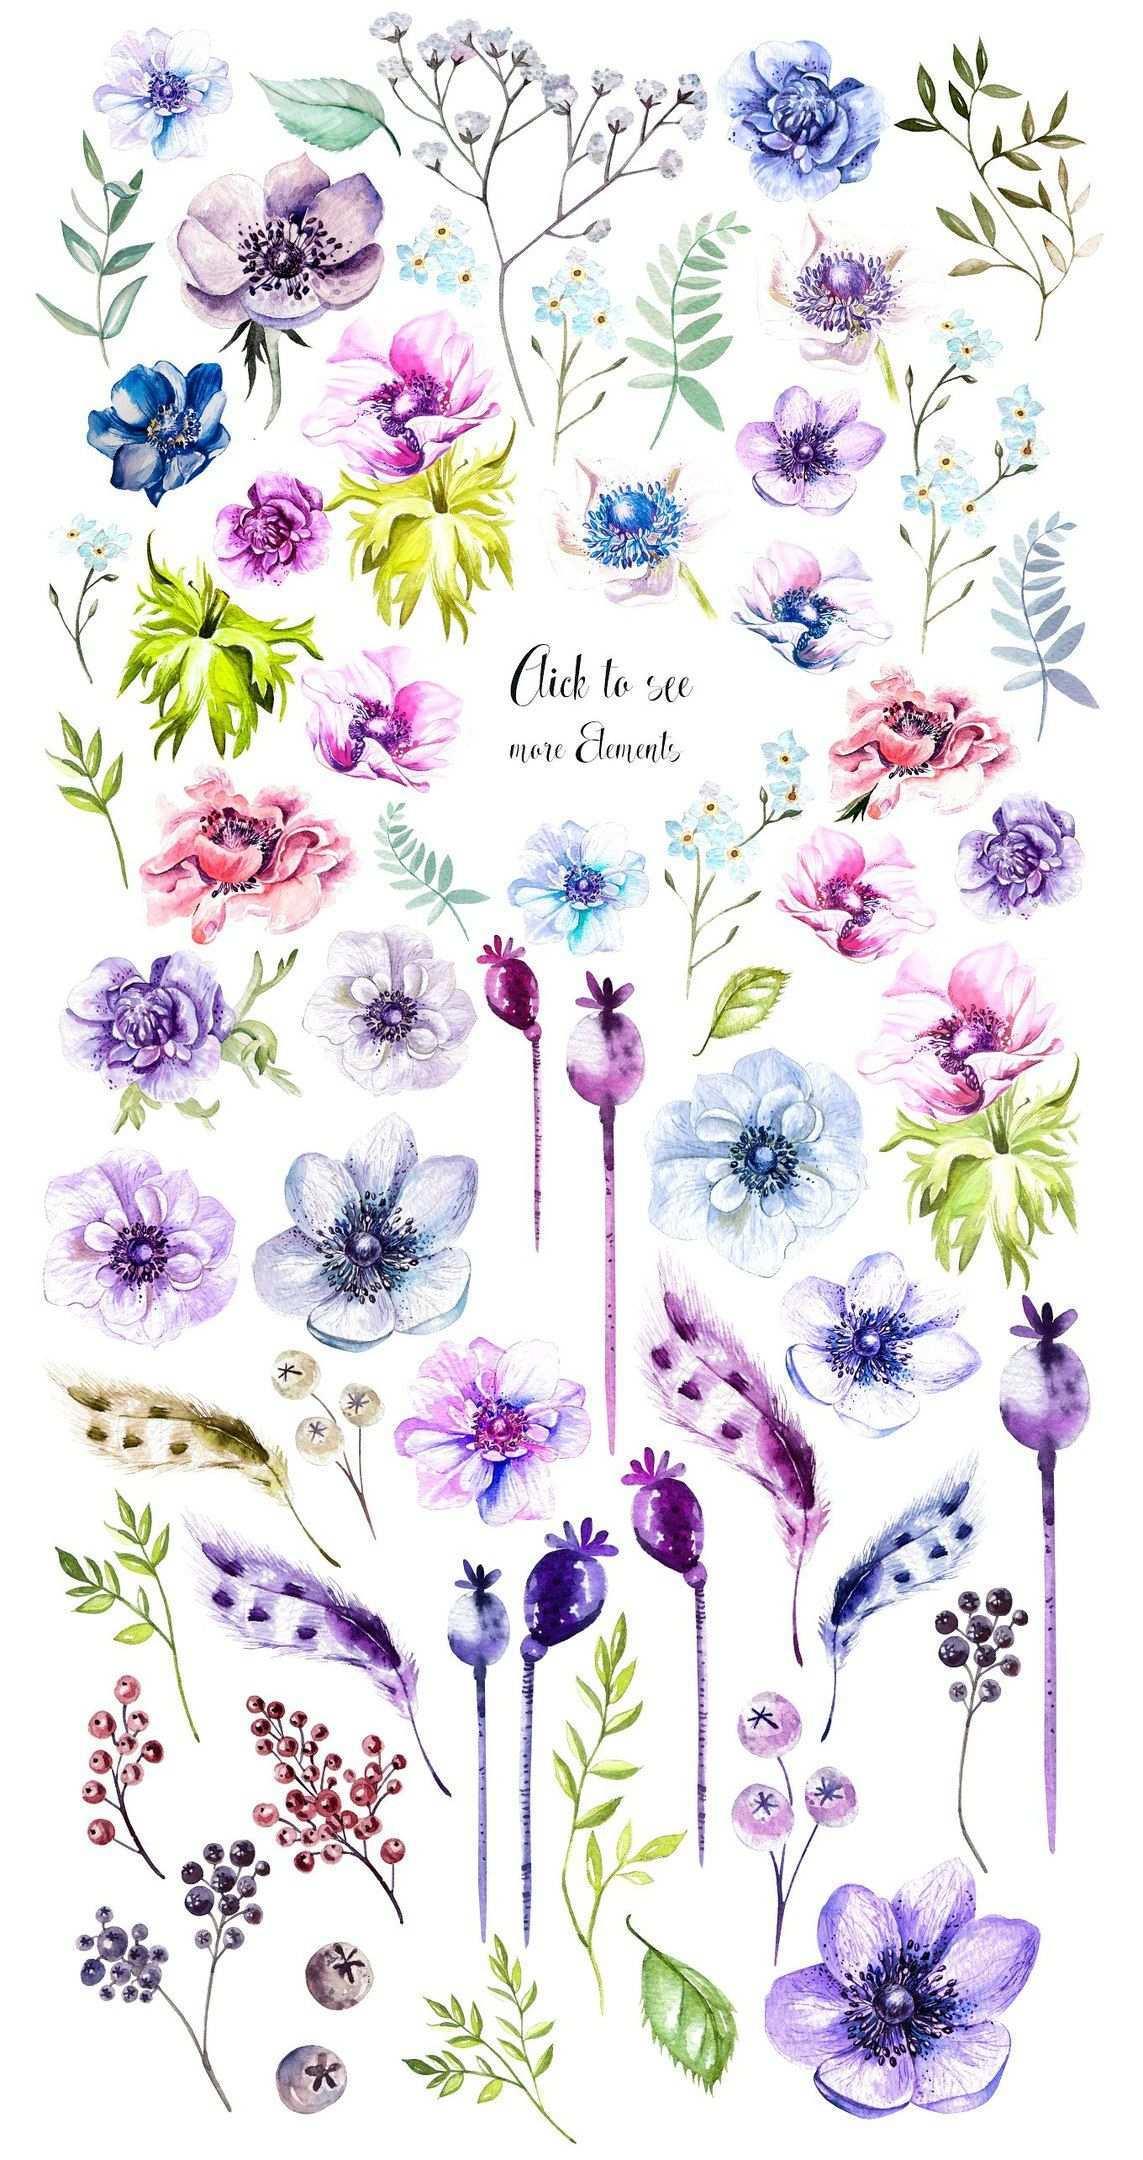 Roses Stili I Stranichki Dlya Skrapa Cvetochnye Illyustracii Risovanie Cvetov Akvarelnye Illyustracii